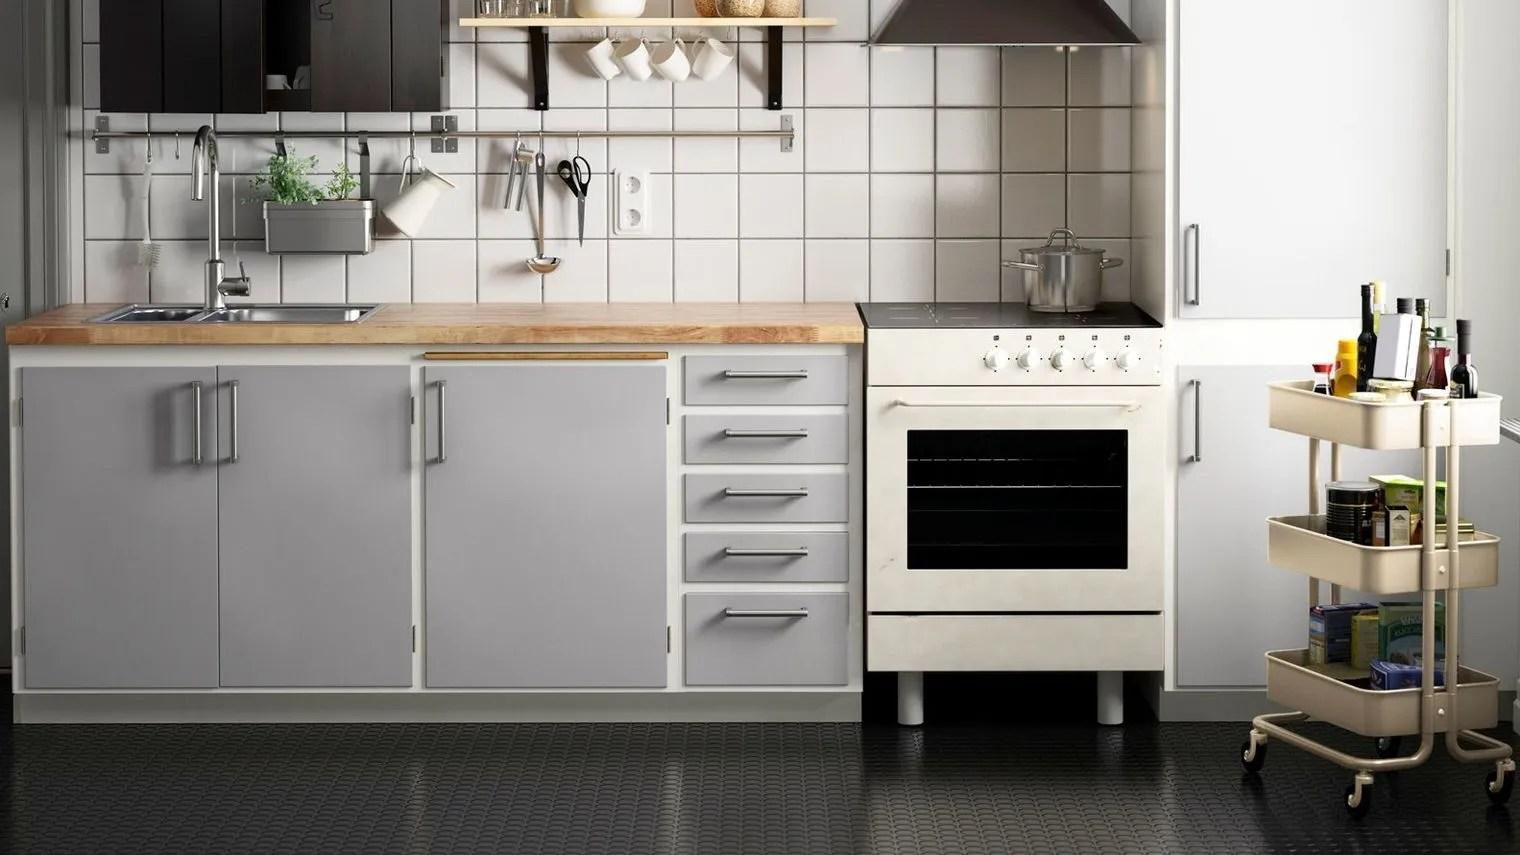 meuble cuisine avec rideau coulissant trendy meuble cuisine rideau aluminium rideau coulissant. Black Bedroom Furniture Sets. Home Design Ideas